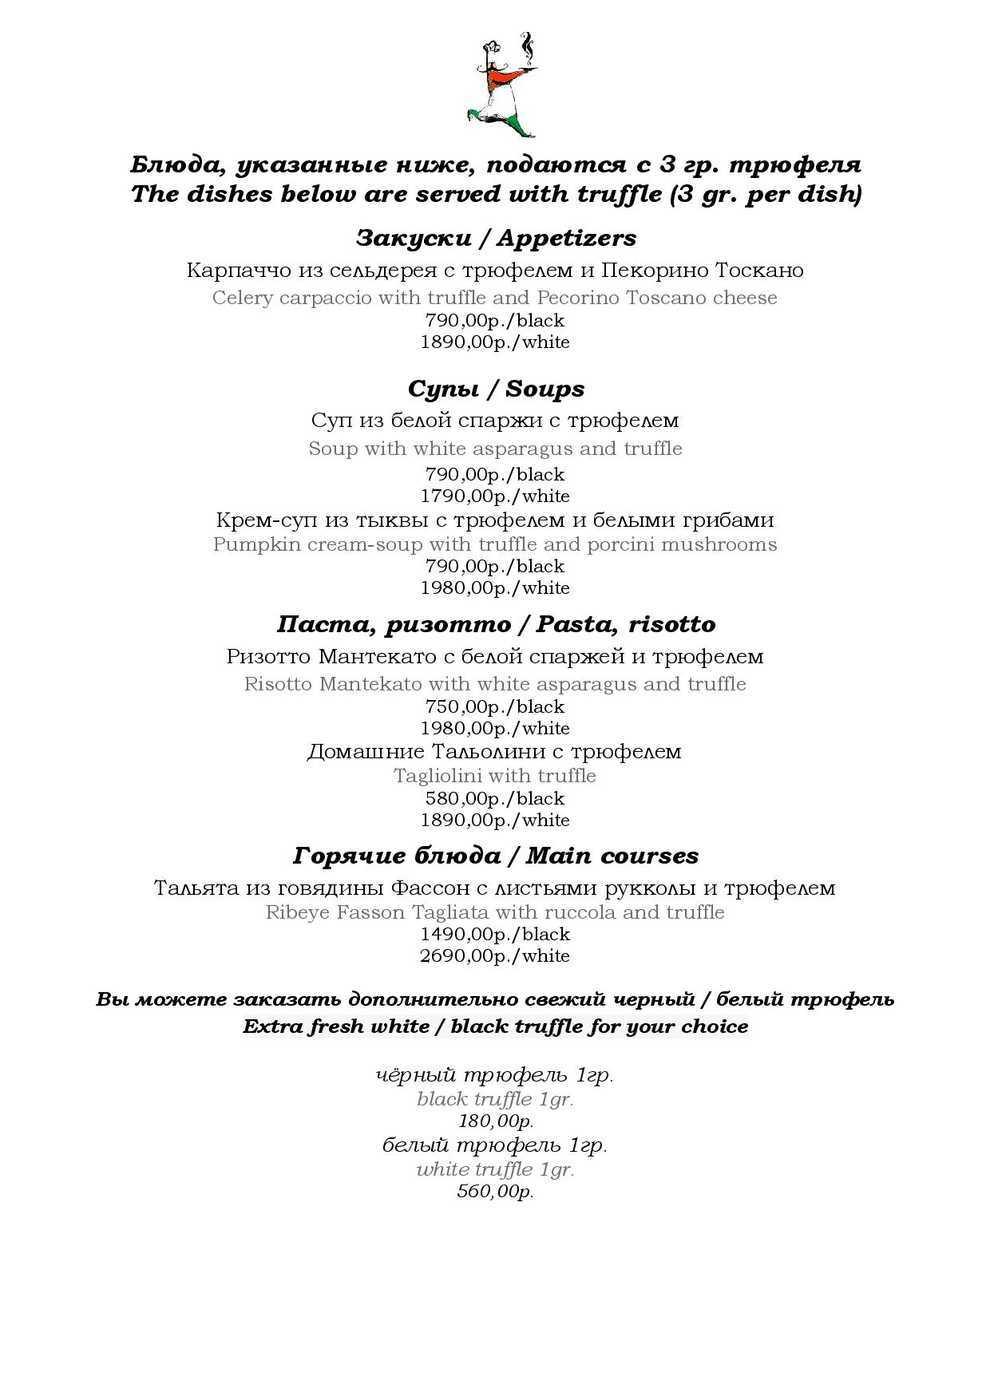 Меню ресторана Франческо (Francesco) на Суворовском проспекте фото 1